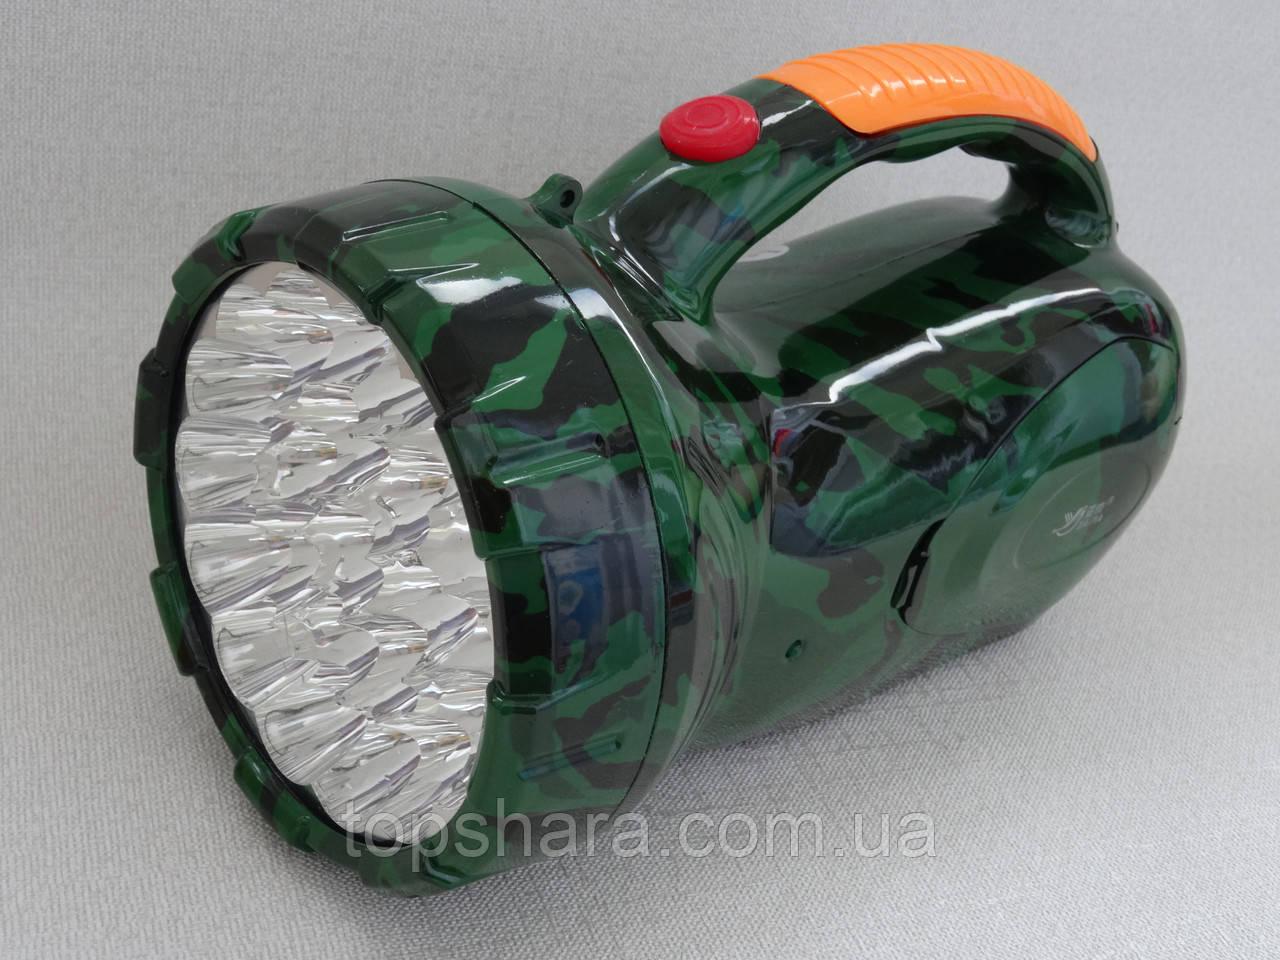 Фонарь светодиодный аккумуляторный YJ-2807 зеленый камуфляж